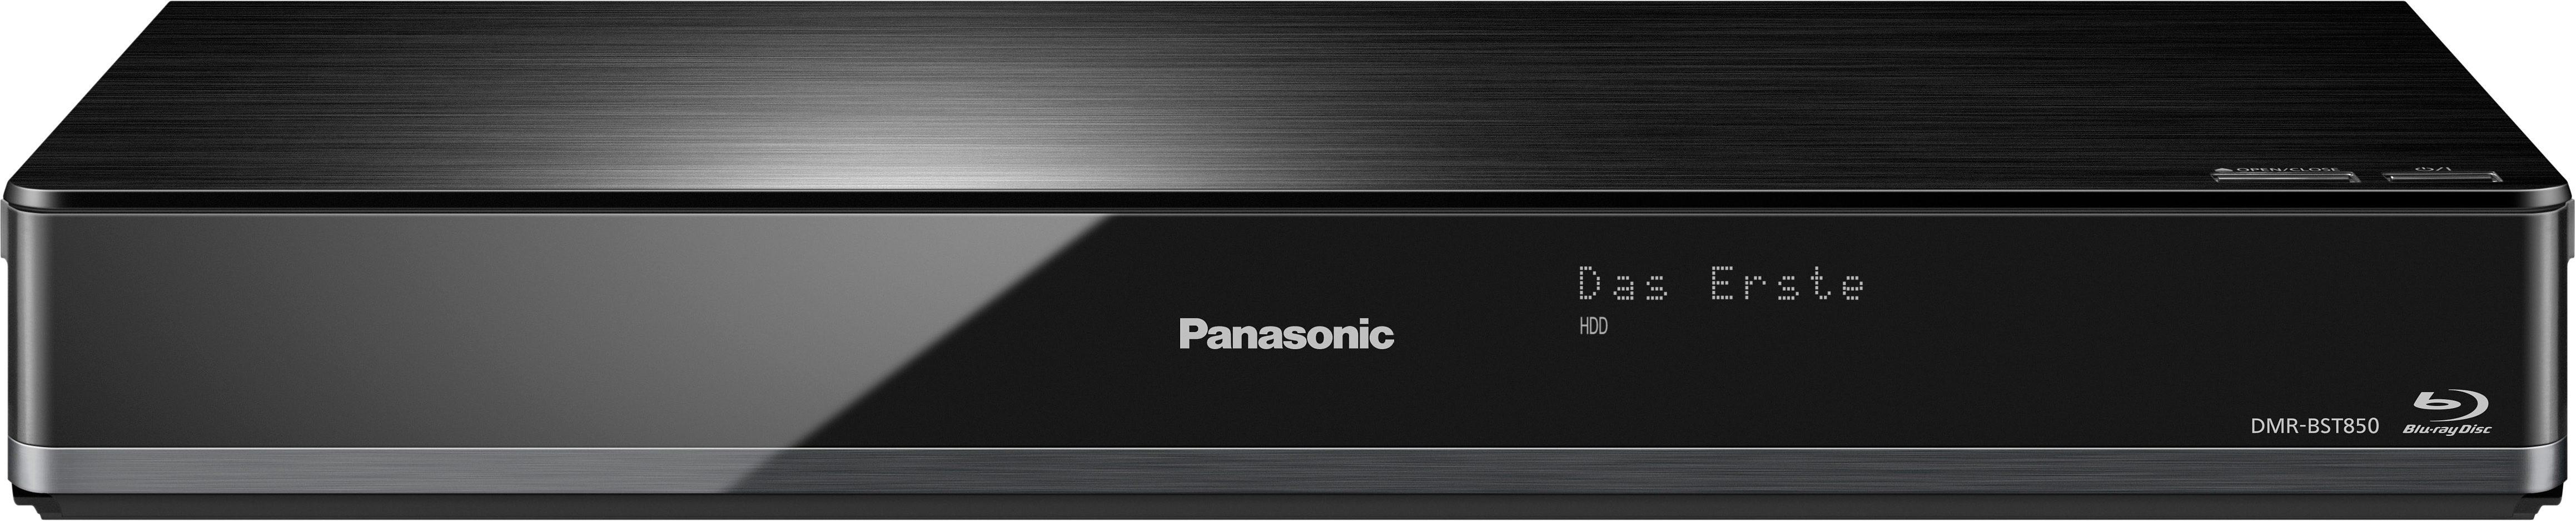 Panasonic DMR-BST850EG Blu-ray-Recorder, 3D-fähig, 4K (Ultra-HD), 1000 GB, WLAN